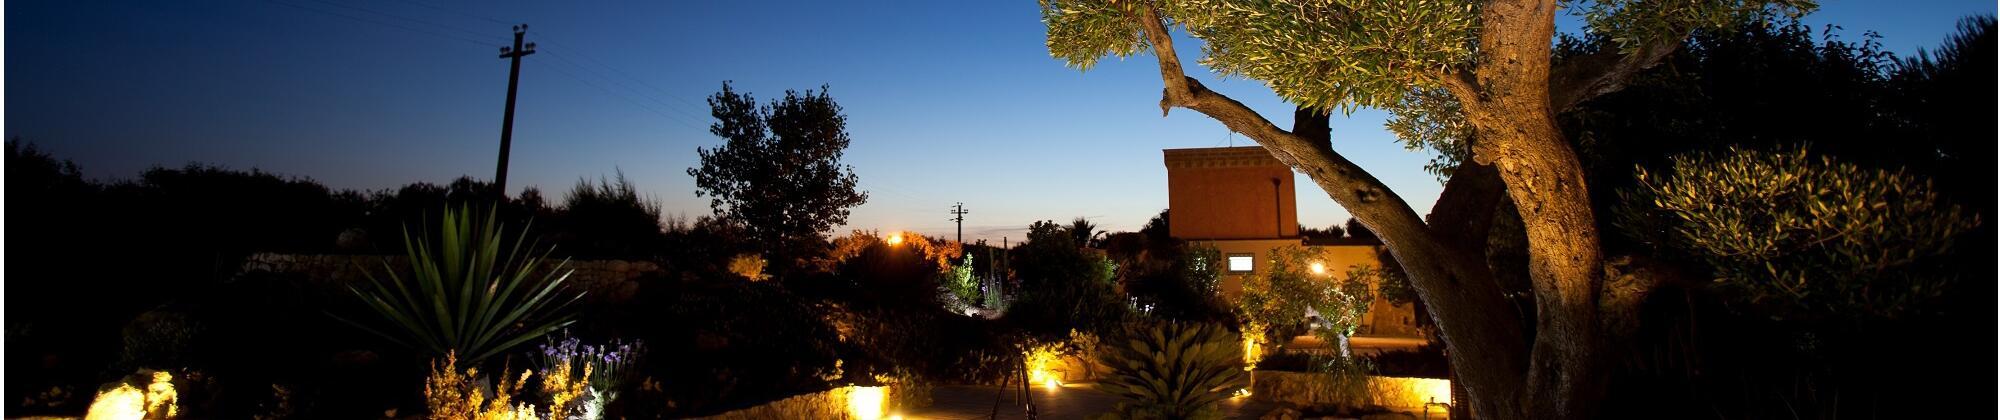 Scegli la primavera per visitare il Salento: relax e risparmio!